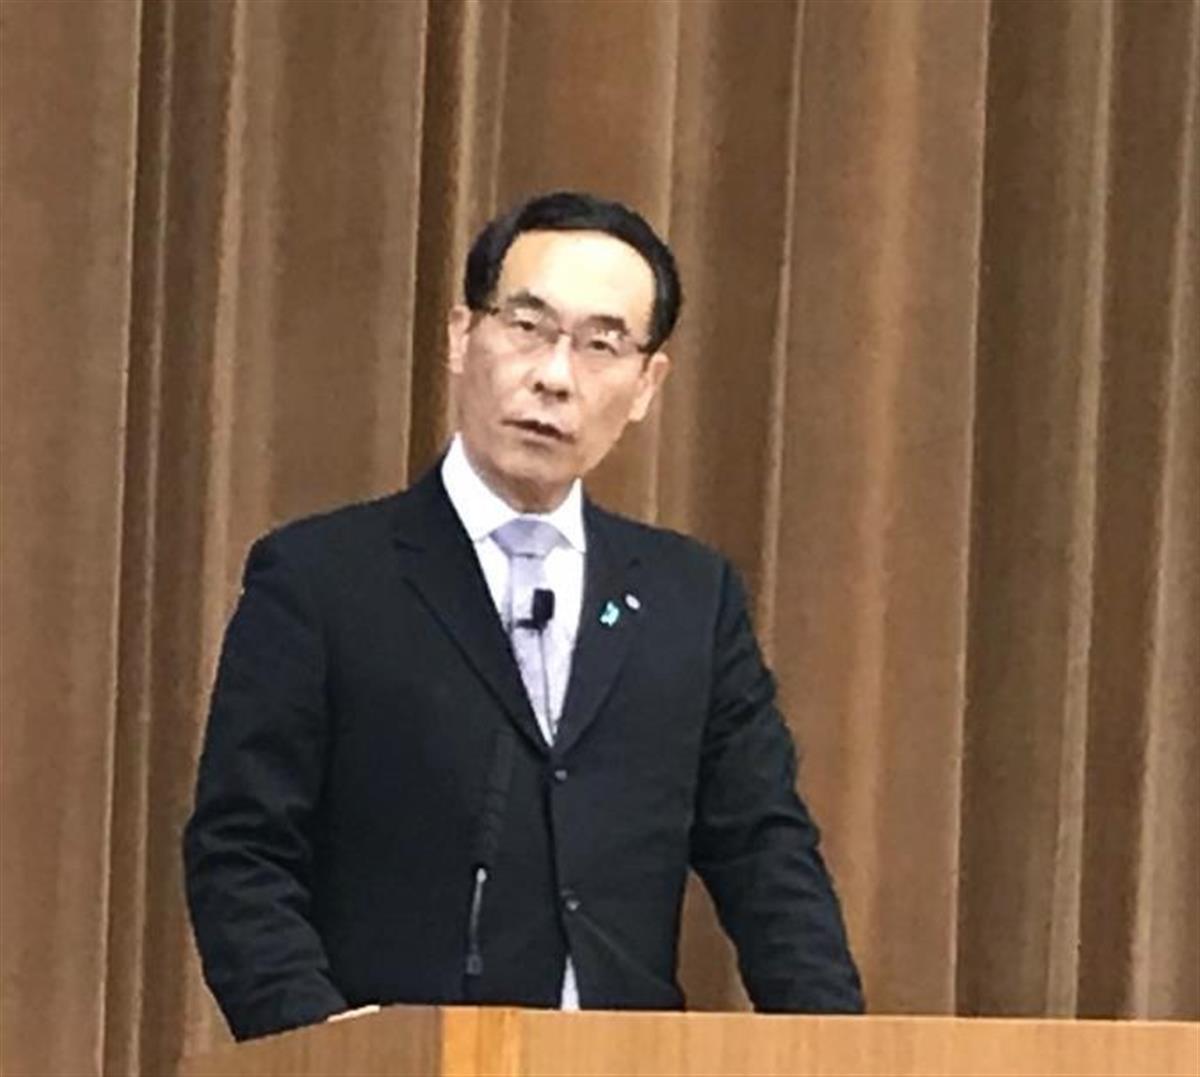 埼玉知事、給与3割削減 新型コロナ「取り組む姿勢示す」